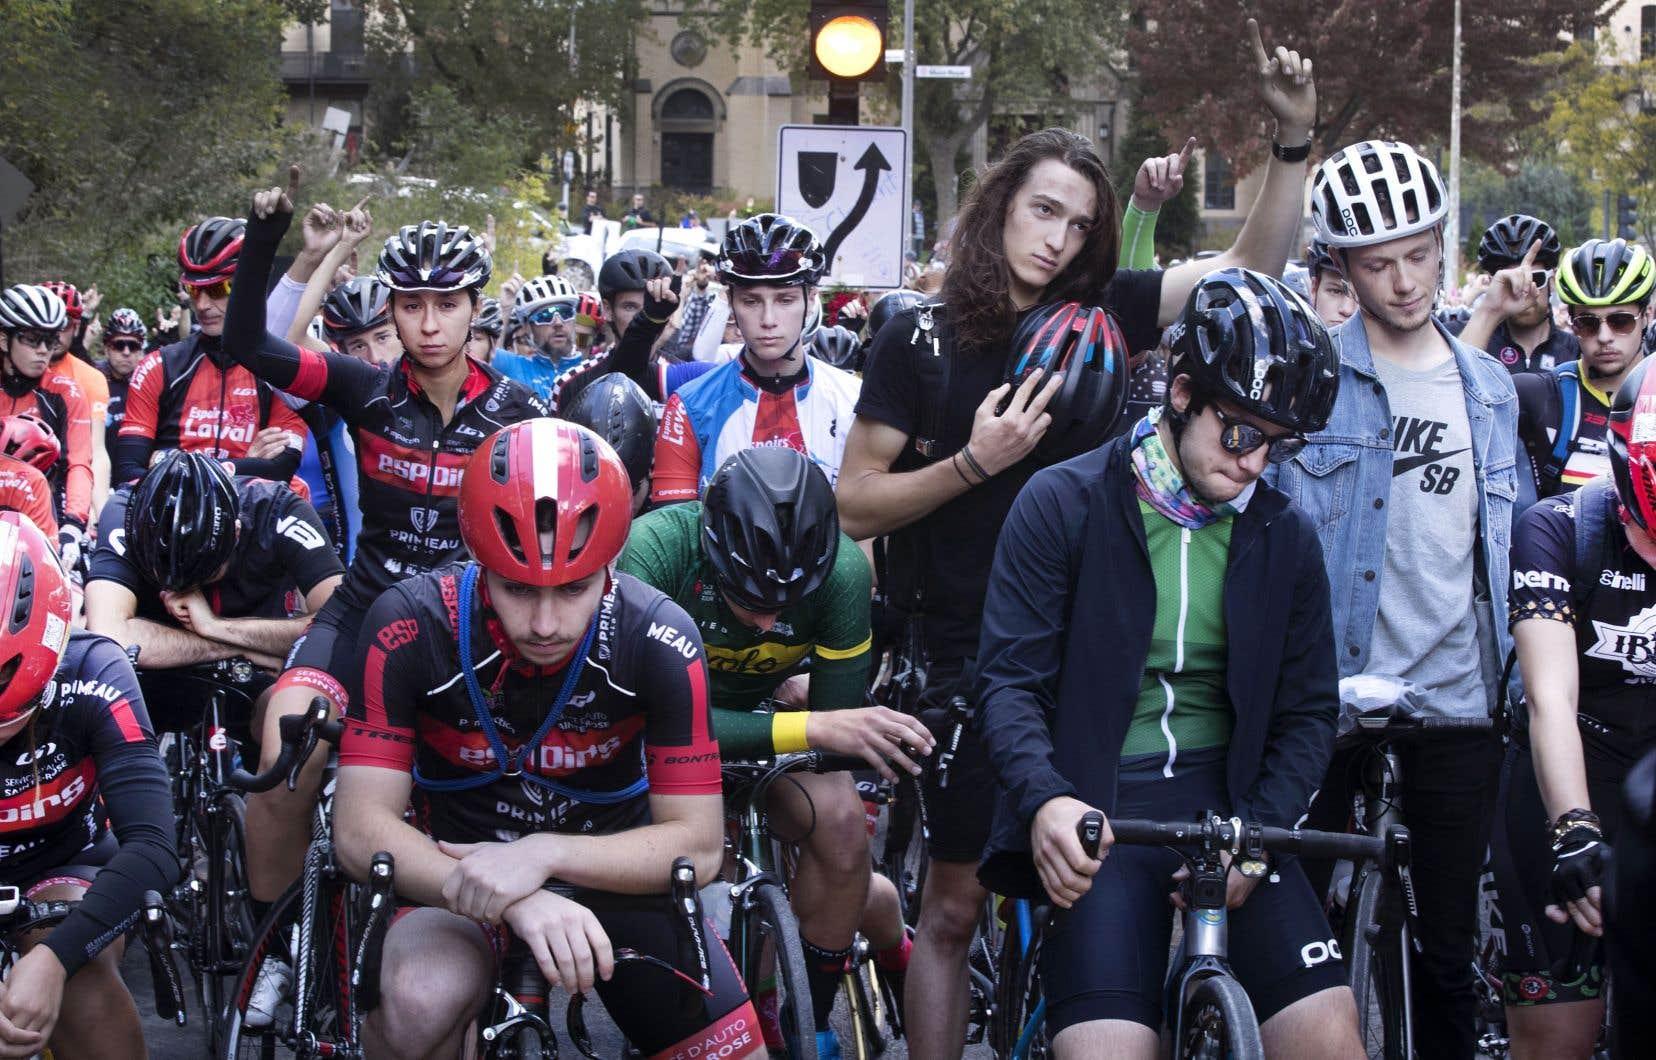 Des amis de Clément Ouimet ont tenu une randonnée silencieuse sur le mont Royal quelques jours après la mort du jeune cycliste en octobre dernier.